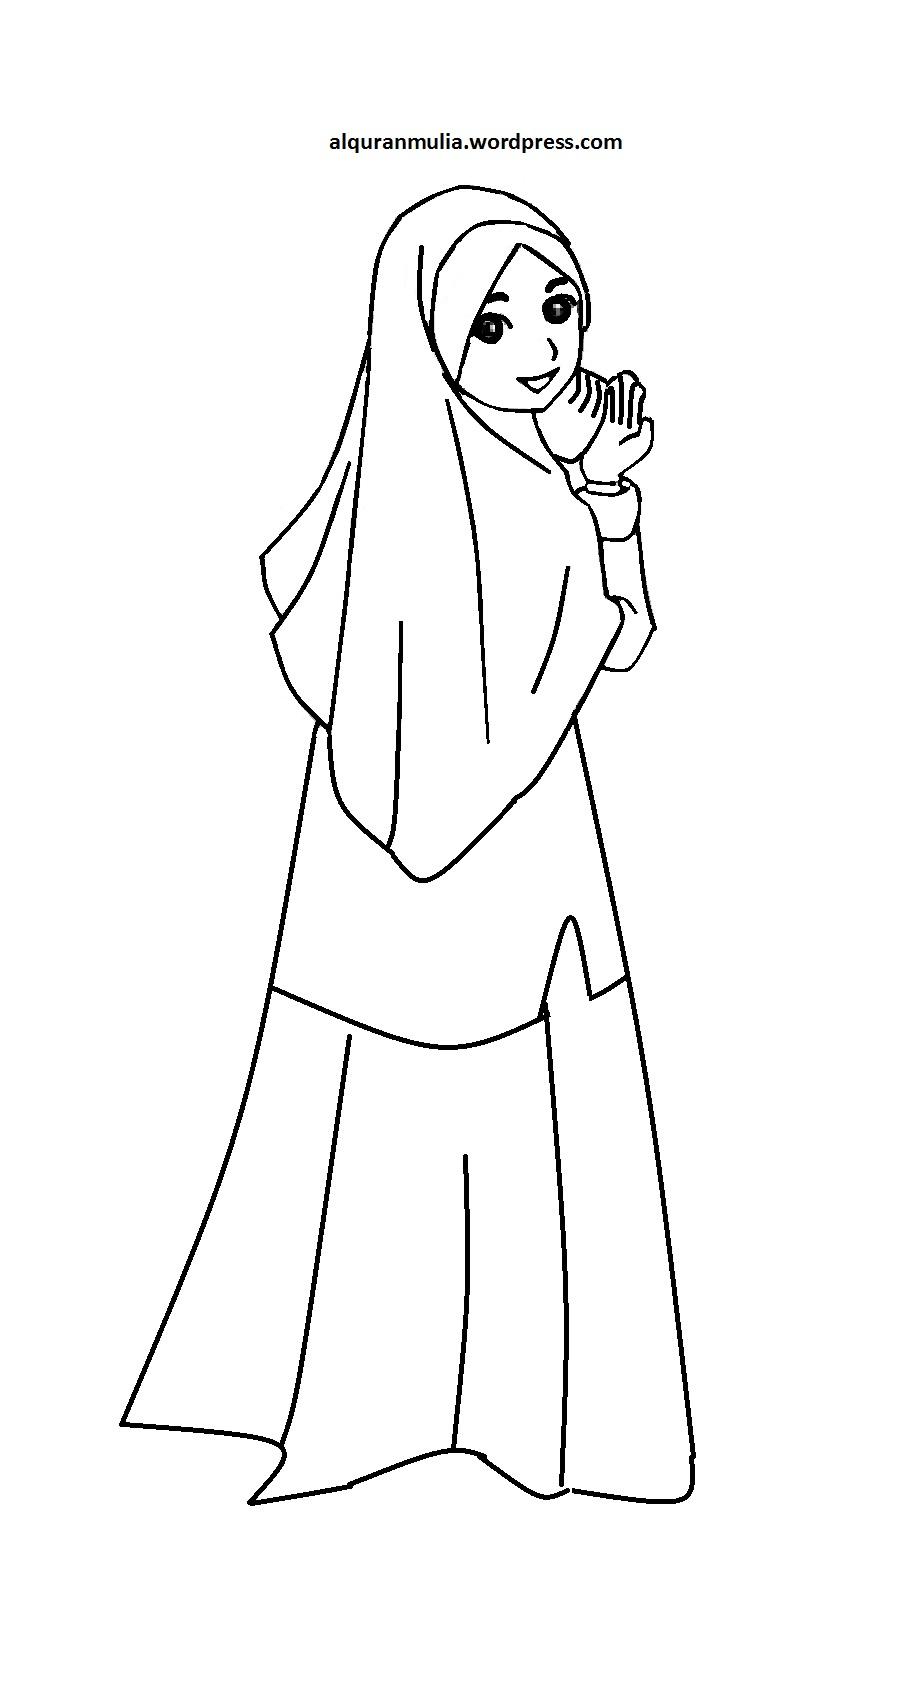 Mewarnai Gambar Kartun Anak Muslimah 48 Alquranmulia